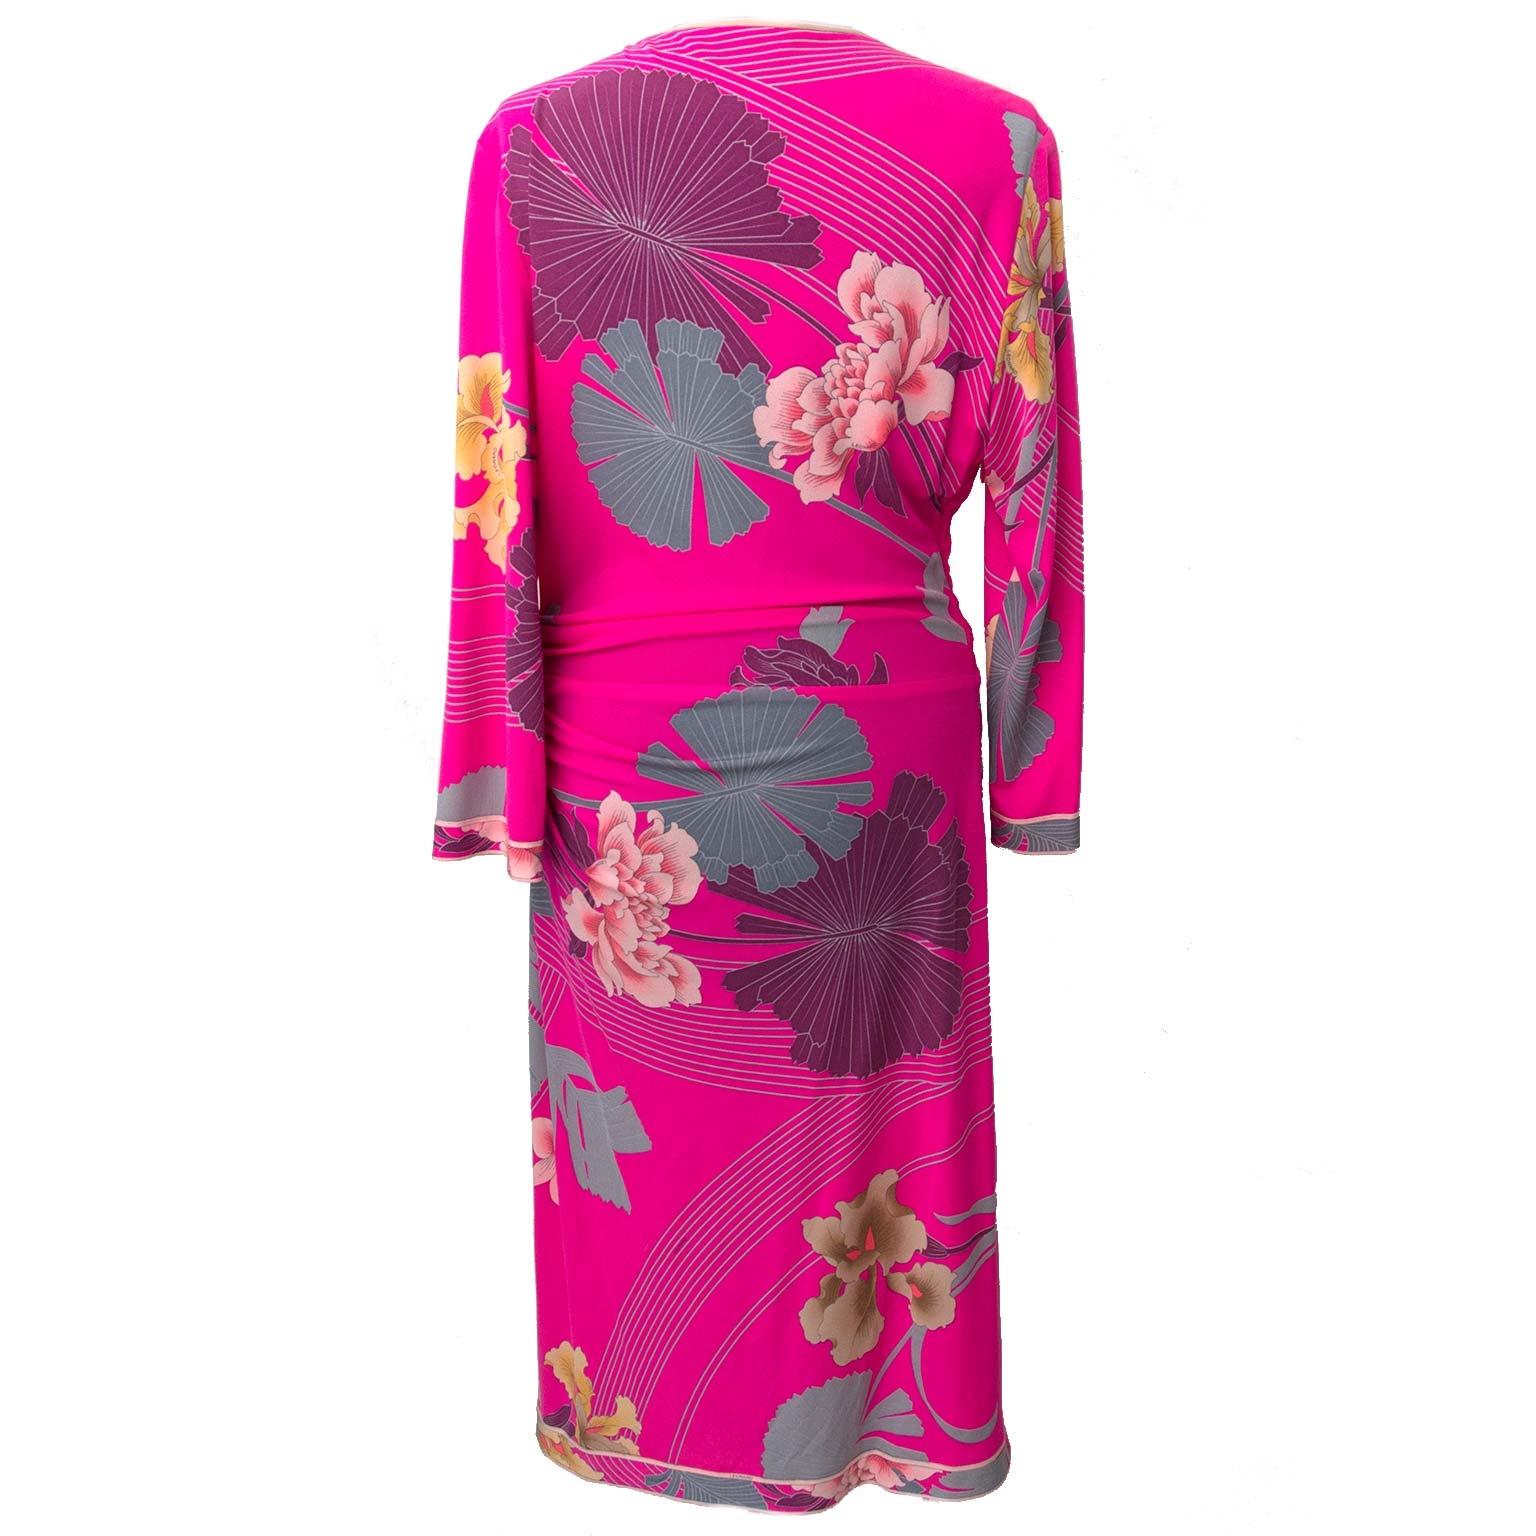 Koop een authentieke leonard jurk bij webshop LabelLOV aan de juiste prijs.